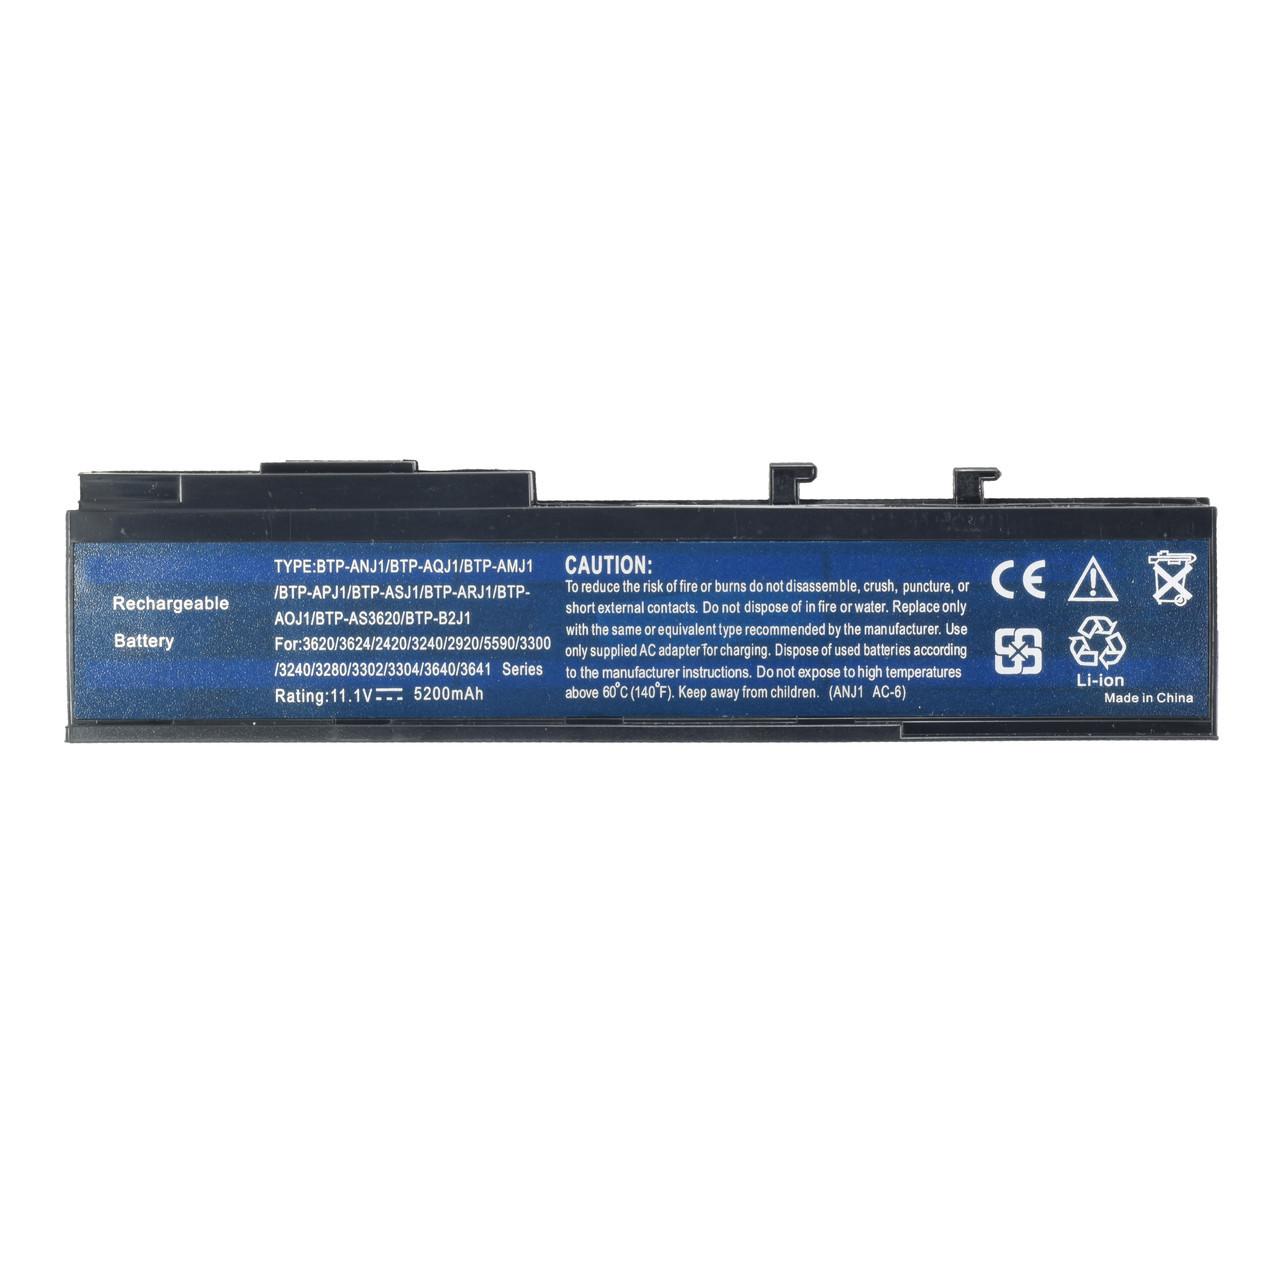 Батарея для ноутбука BT.00605.002 BT.00605.003 BT.00605.006 BT.00605.007 BT.00607.003 BT.00607.009